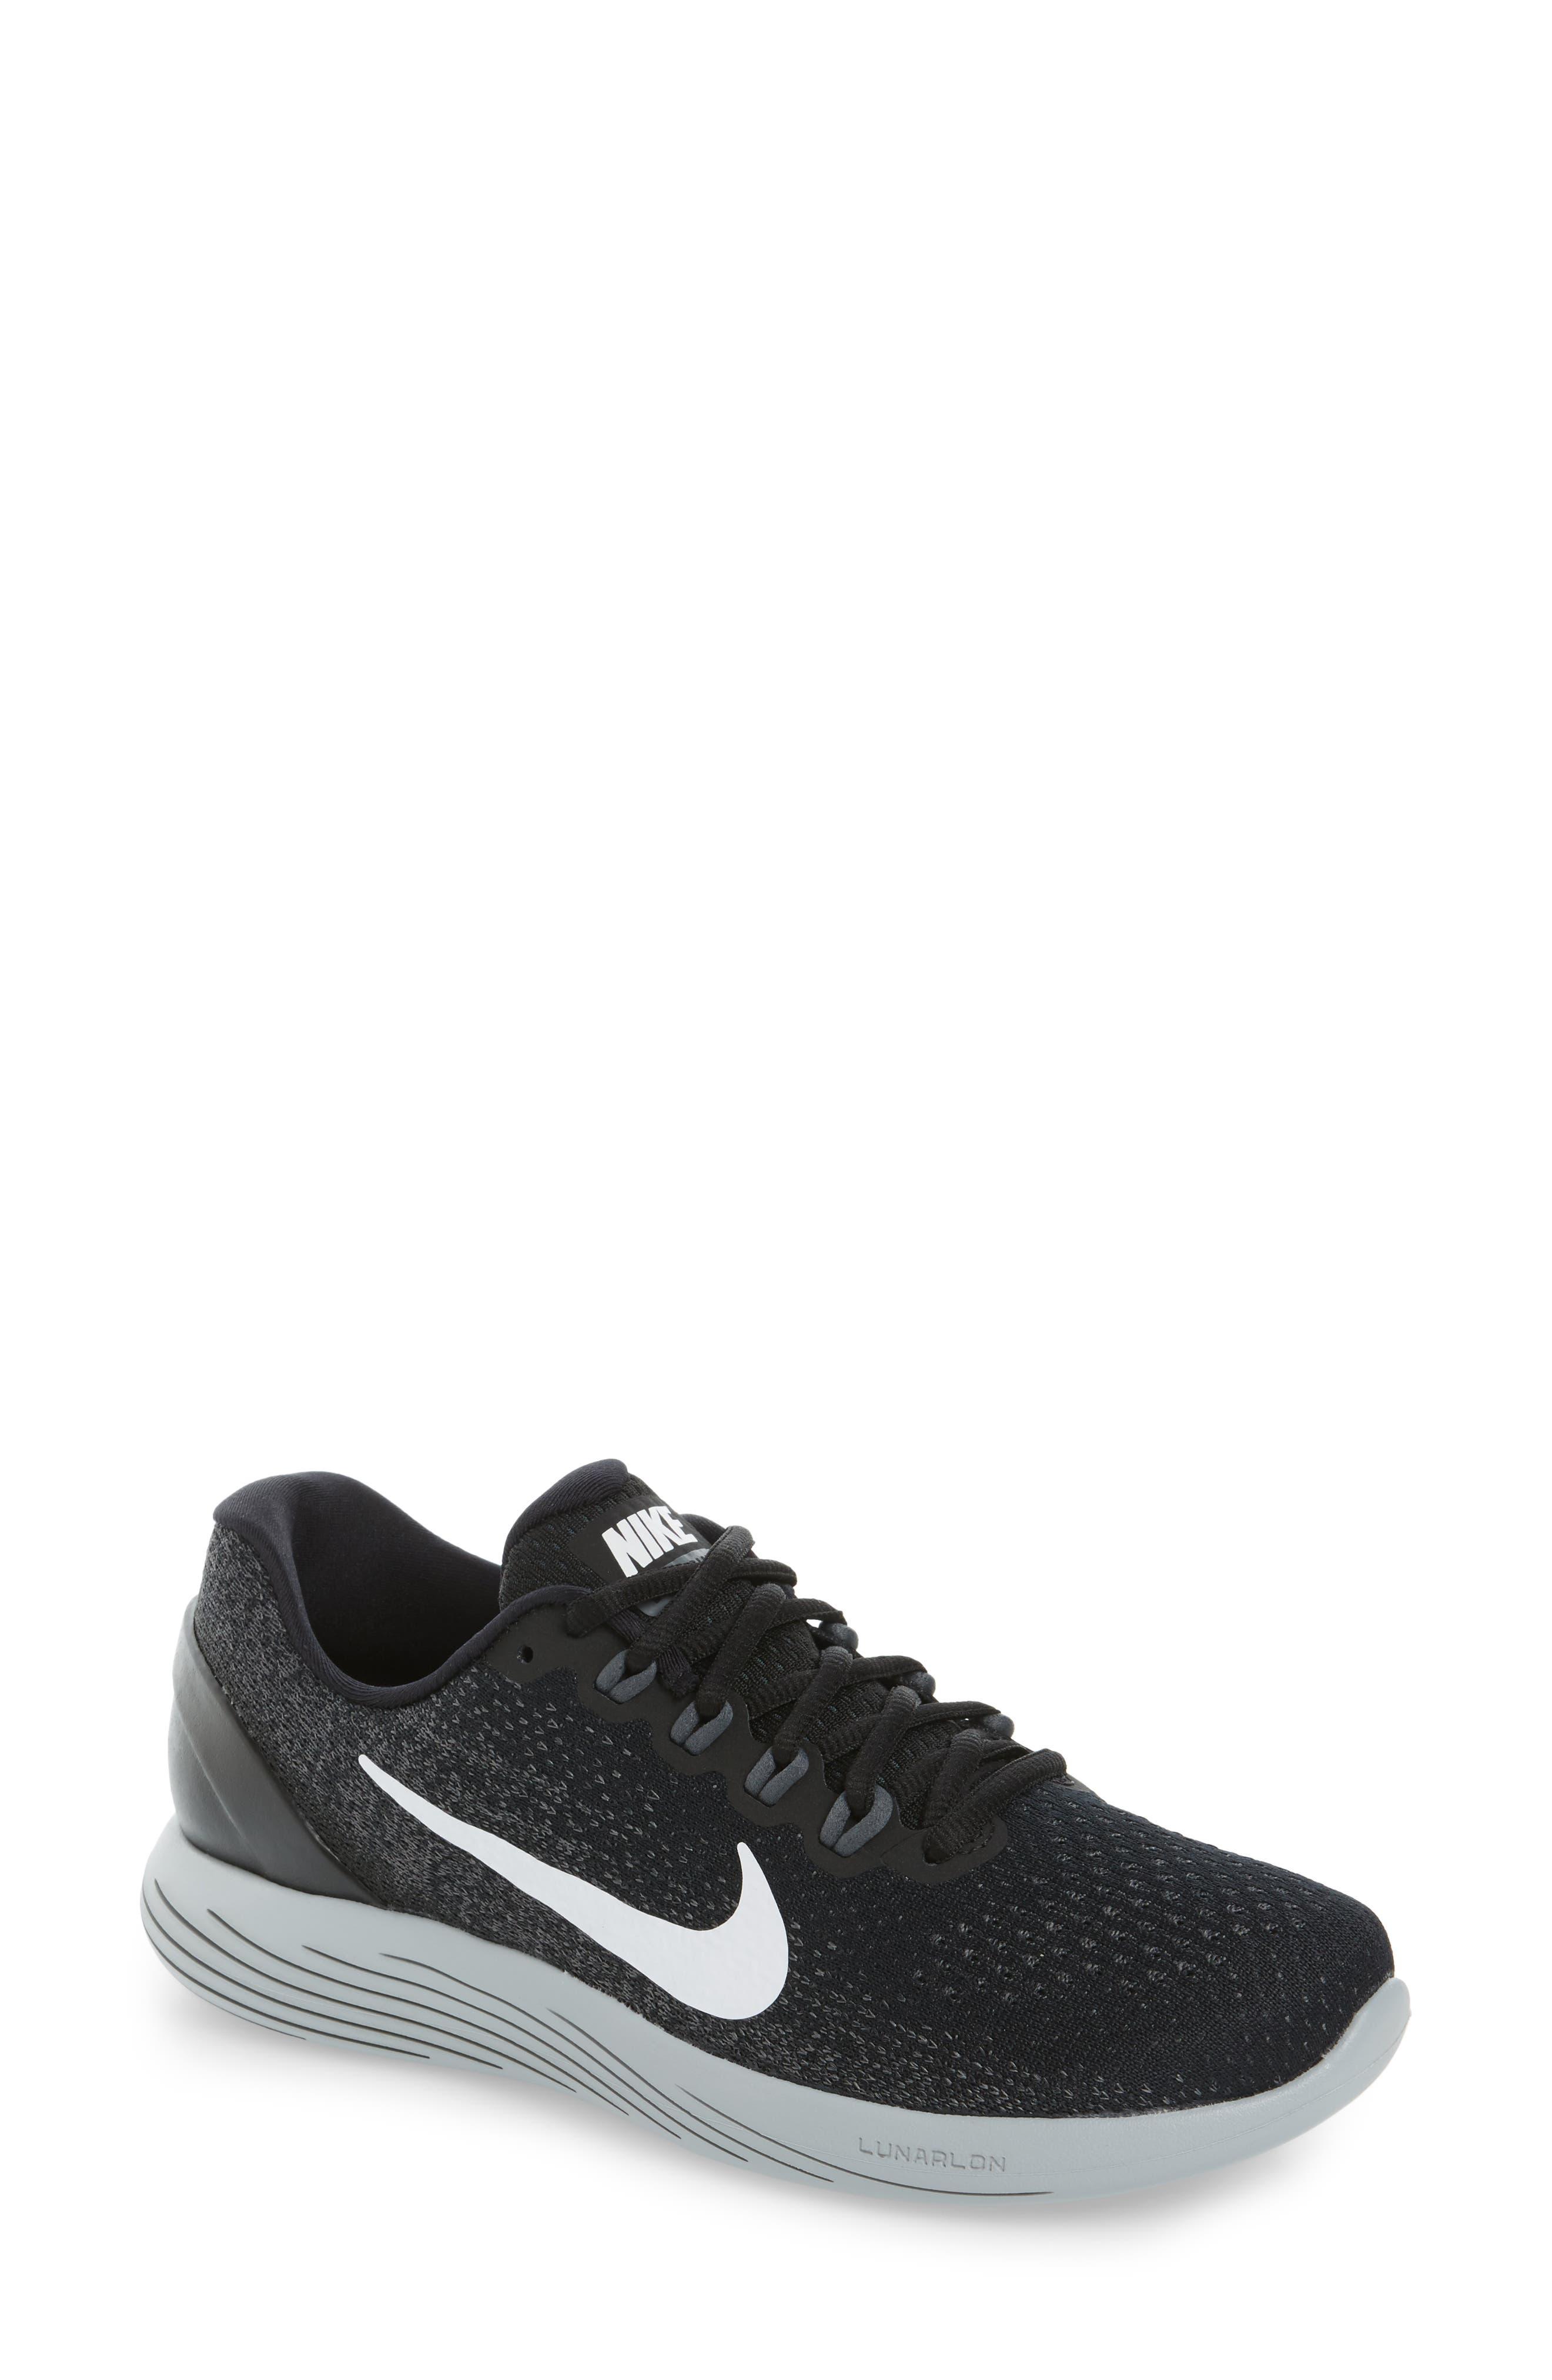 Nike LunarGlide 9 Running Shoe (Women)